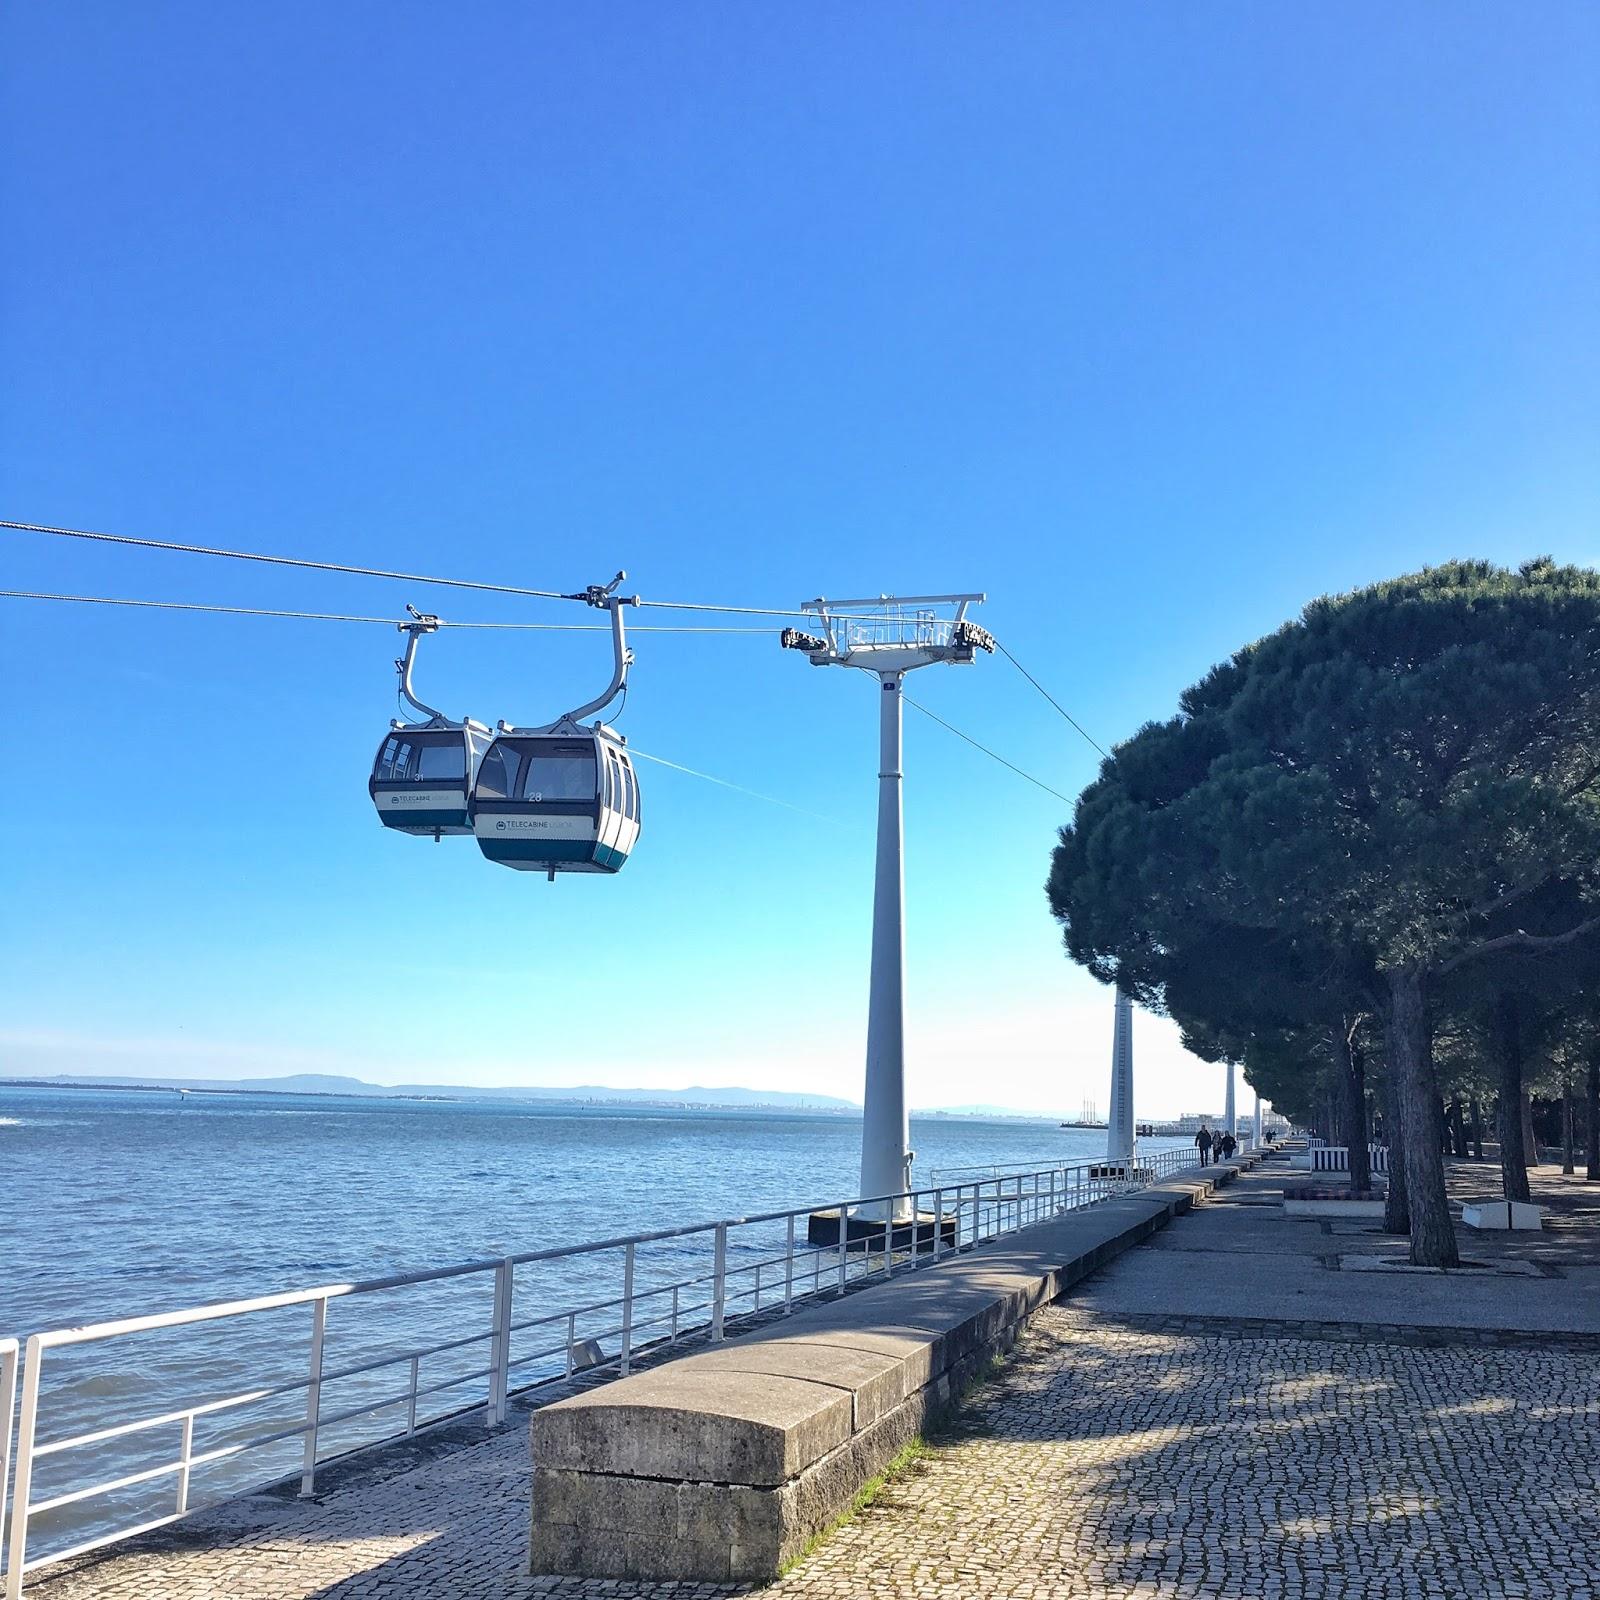 Parque das Nacoes, Lisbon, Portugal